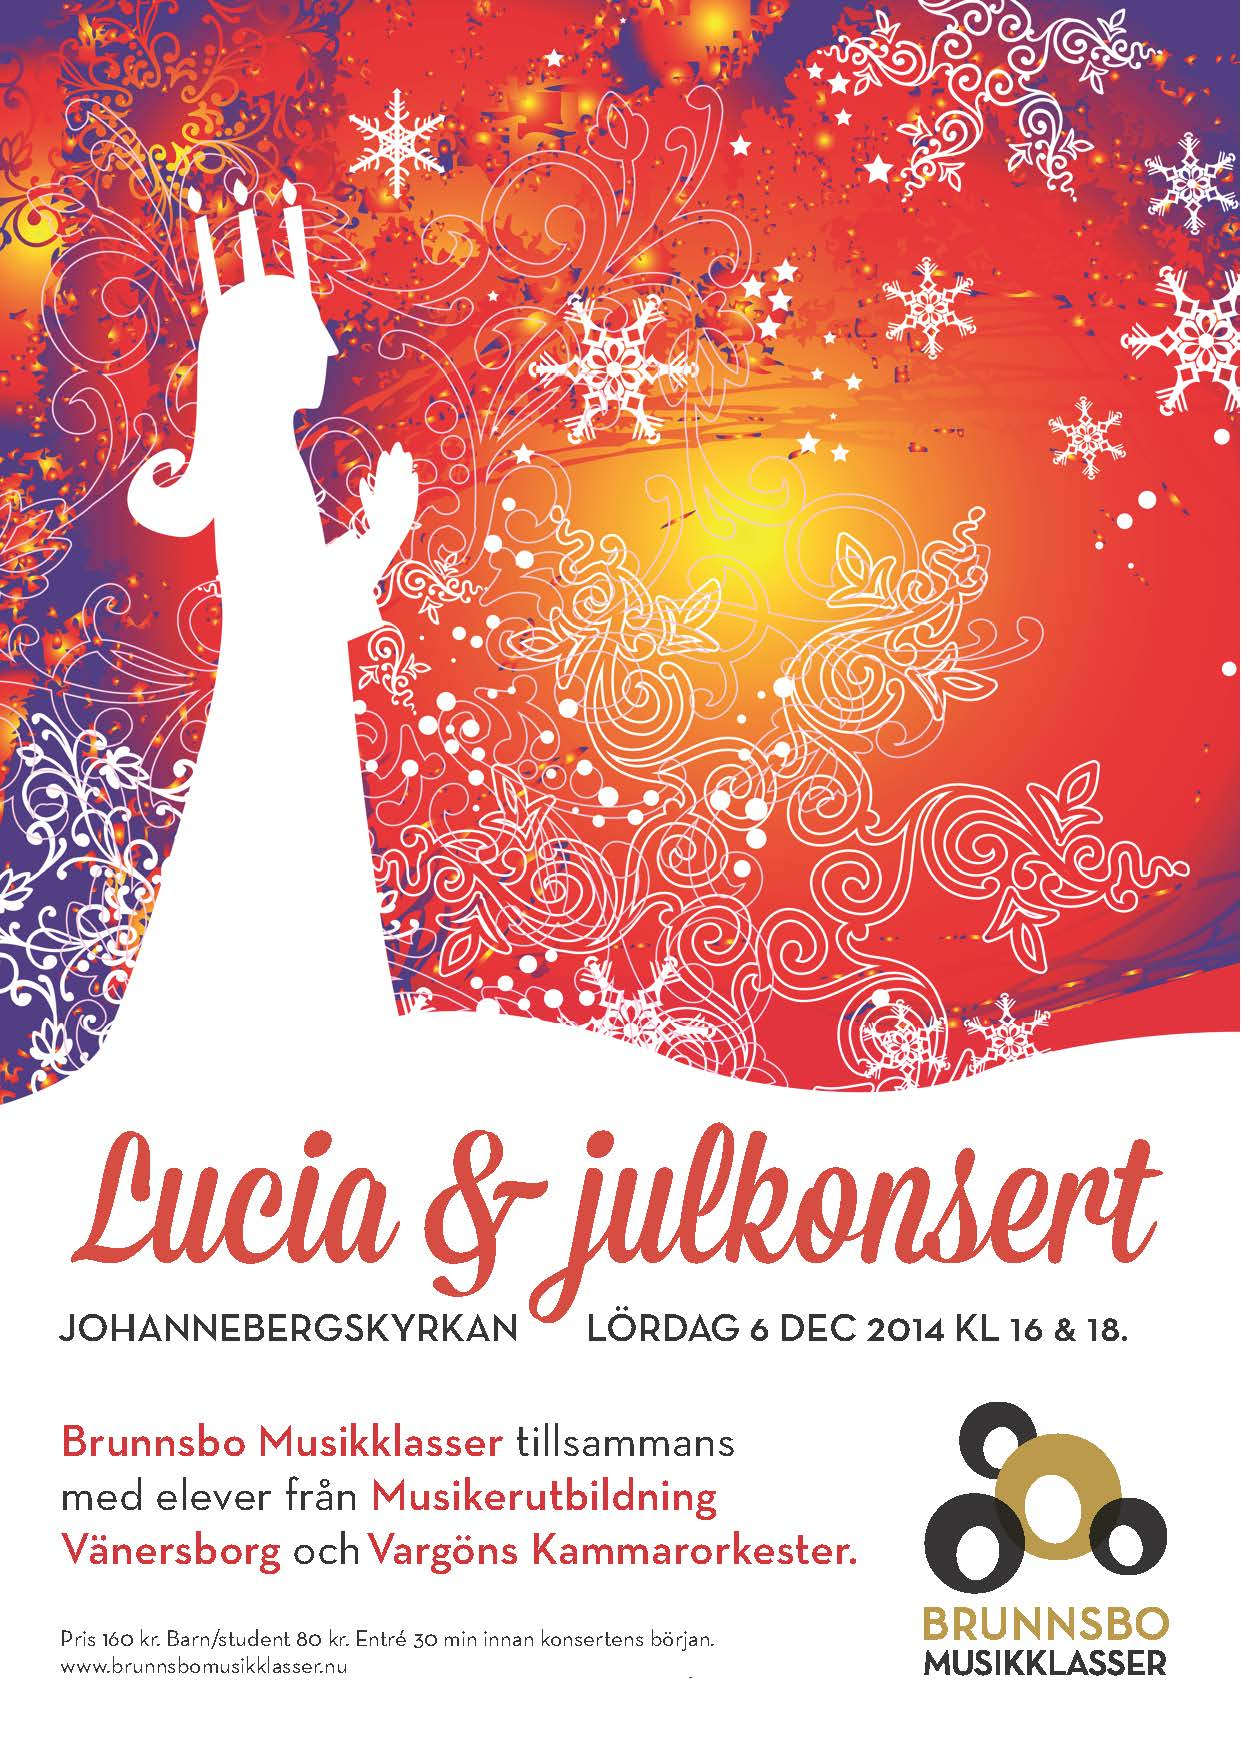 Luciaaffisch 2014 Brunnsbo